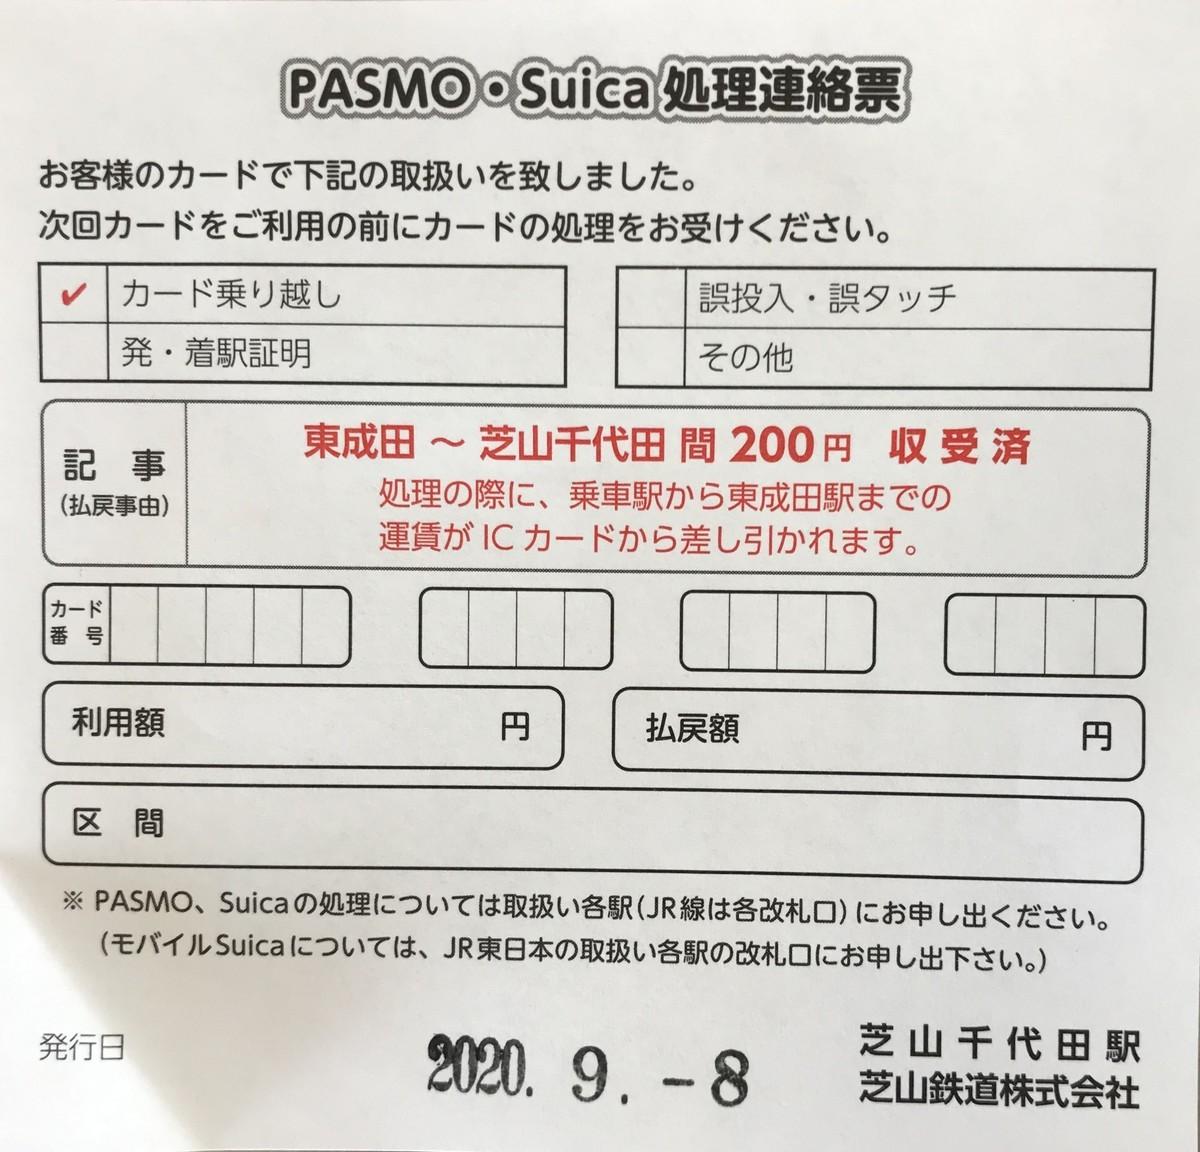 f:id:sirocco:20200908112647j:plain